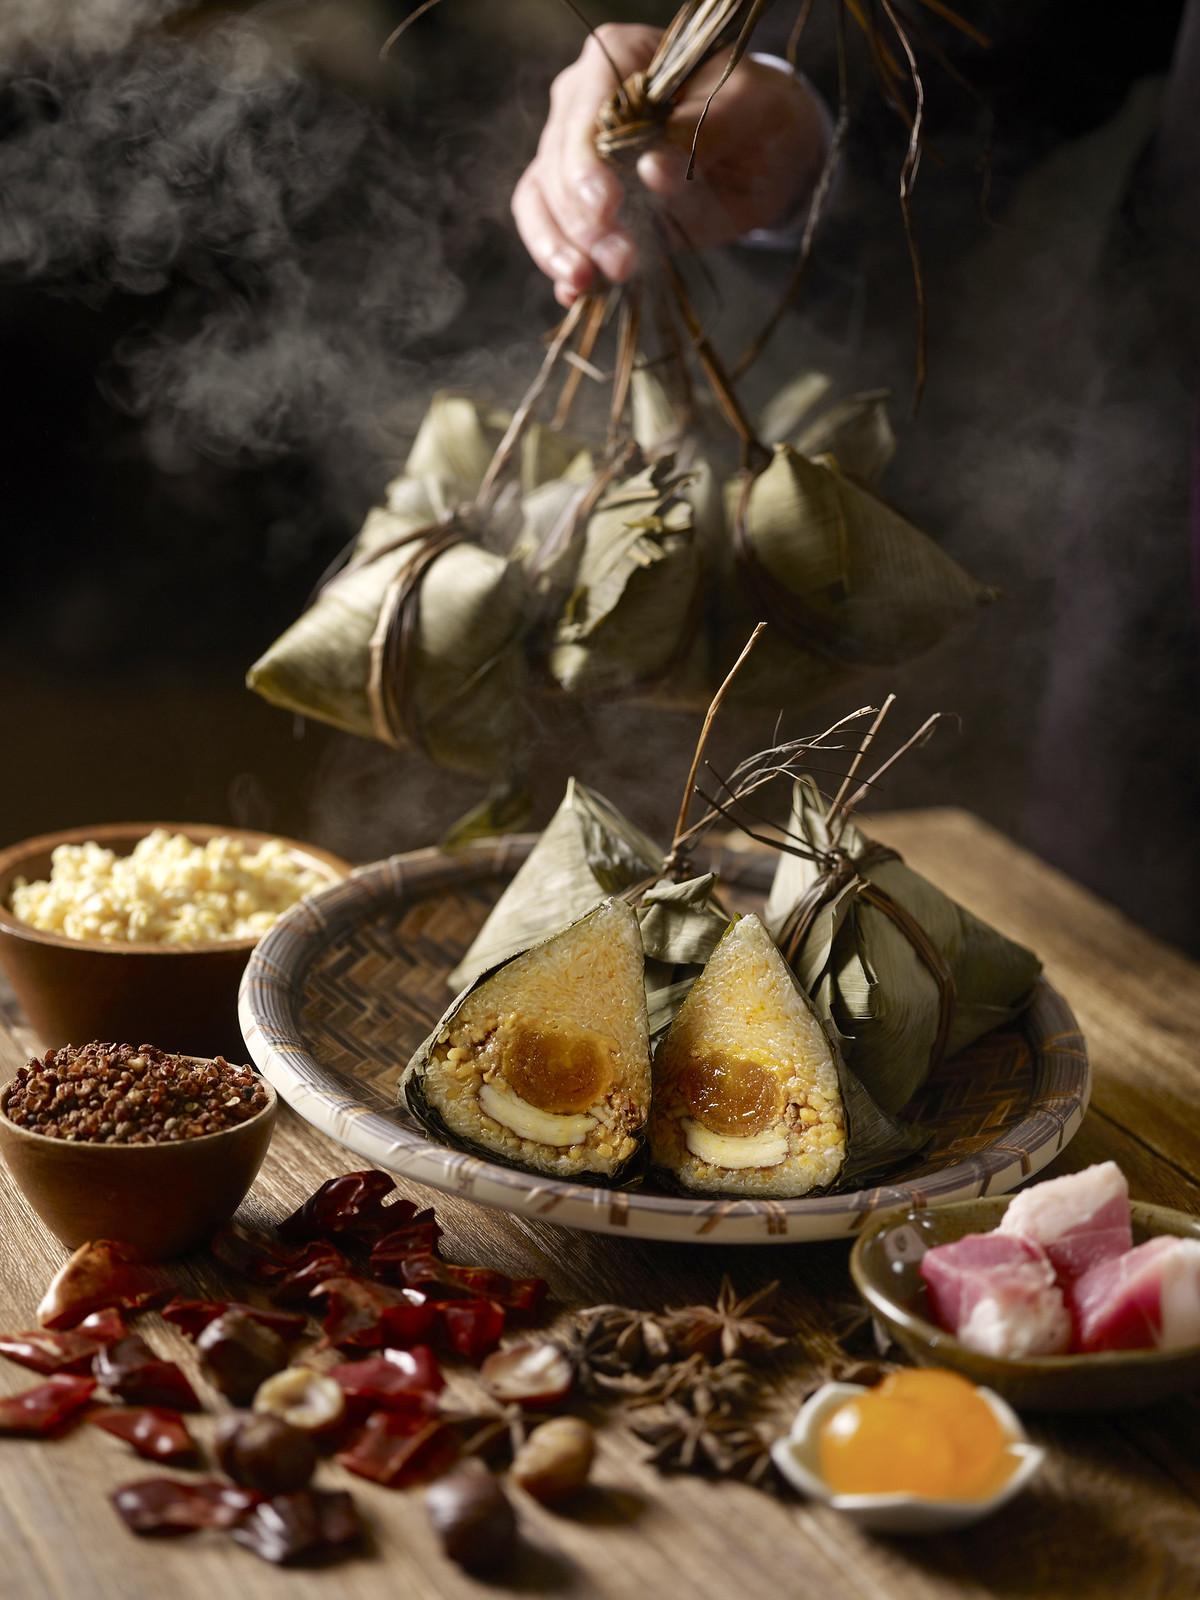 翡翠水饺-玛拉水饺1